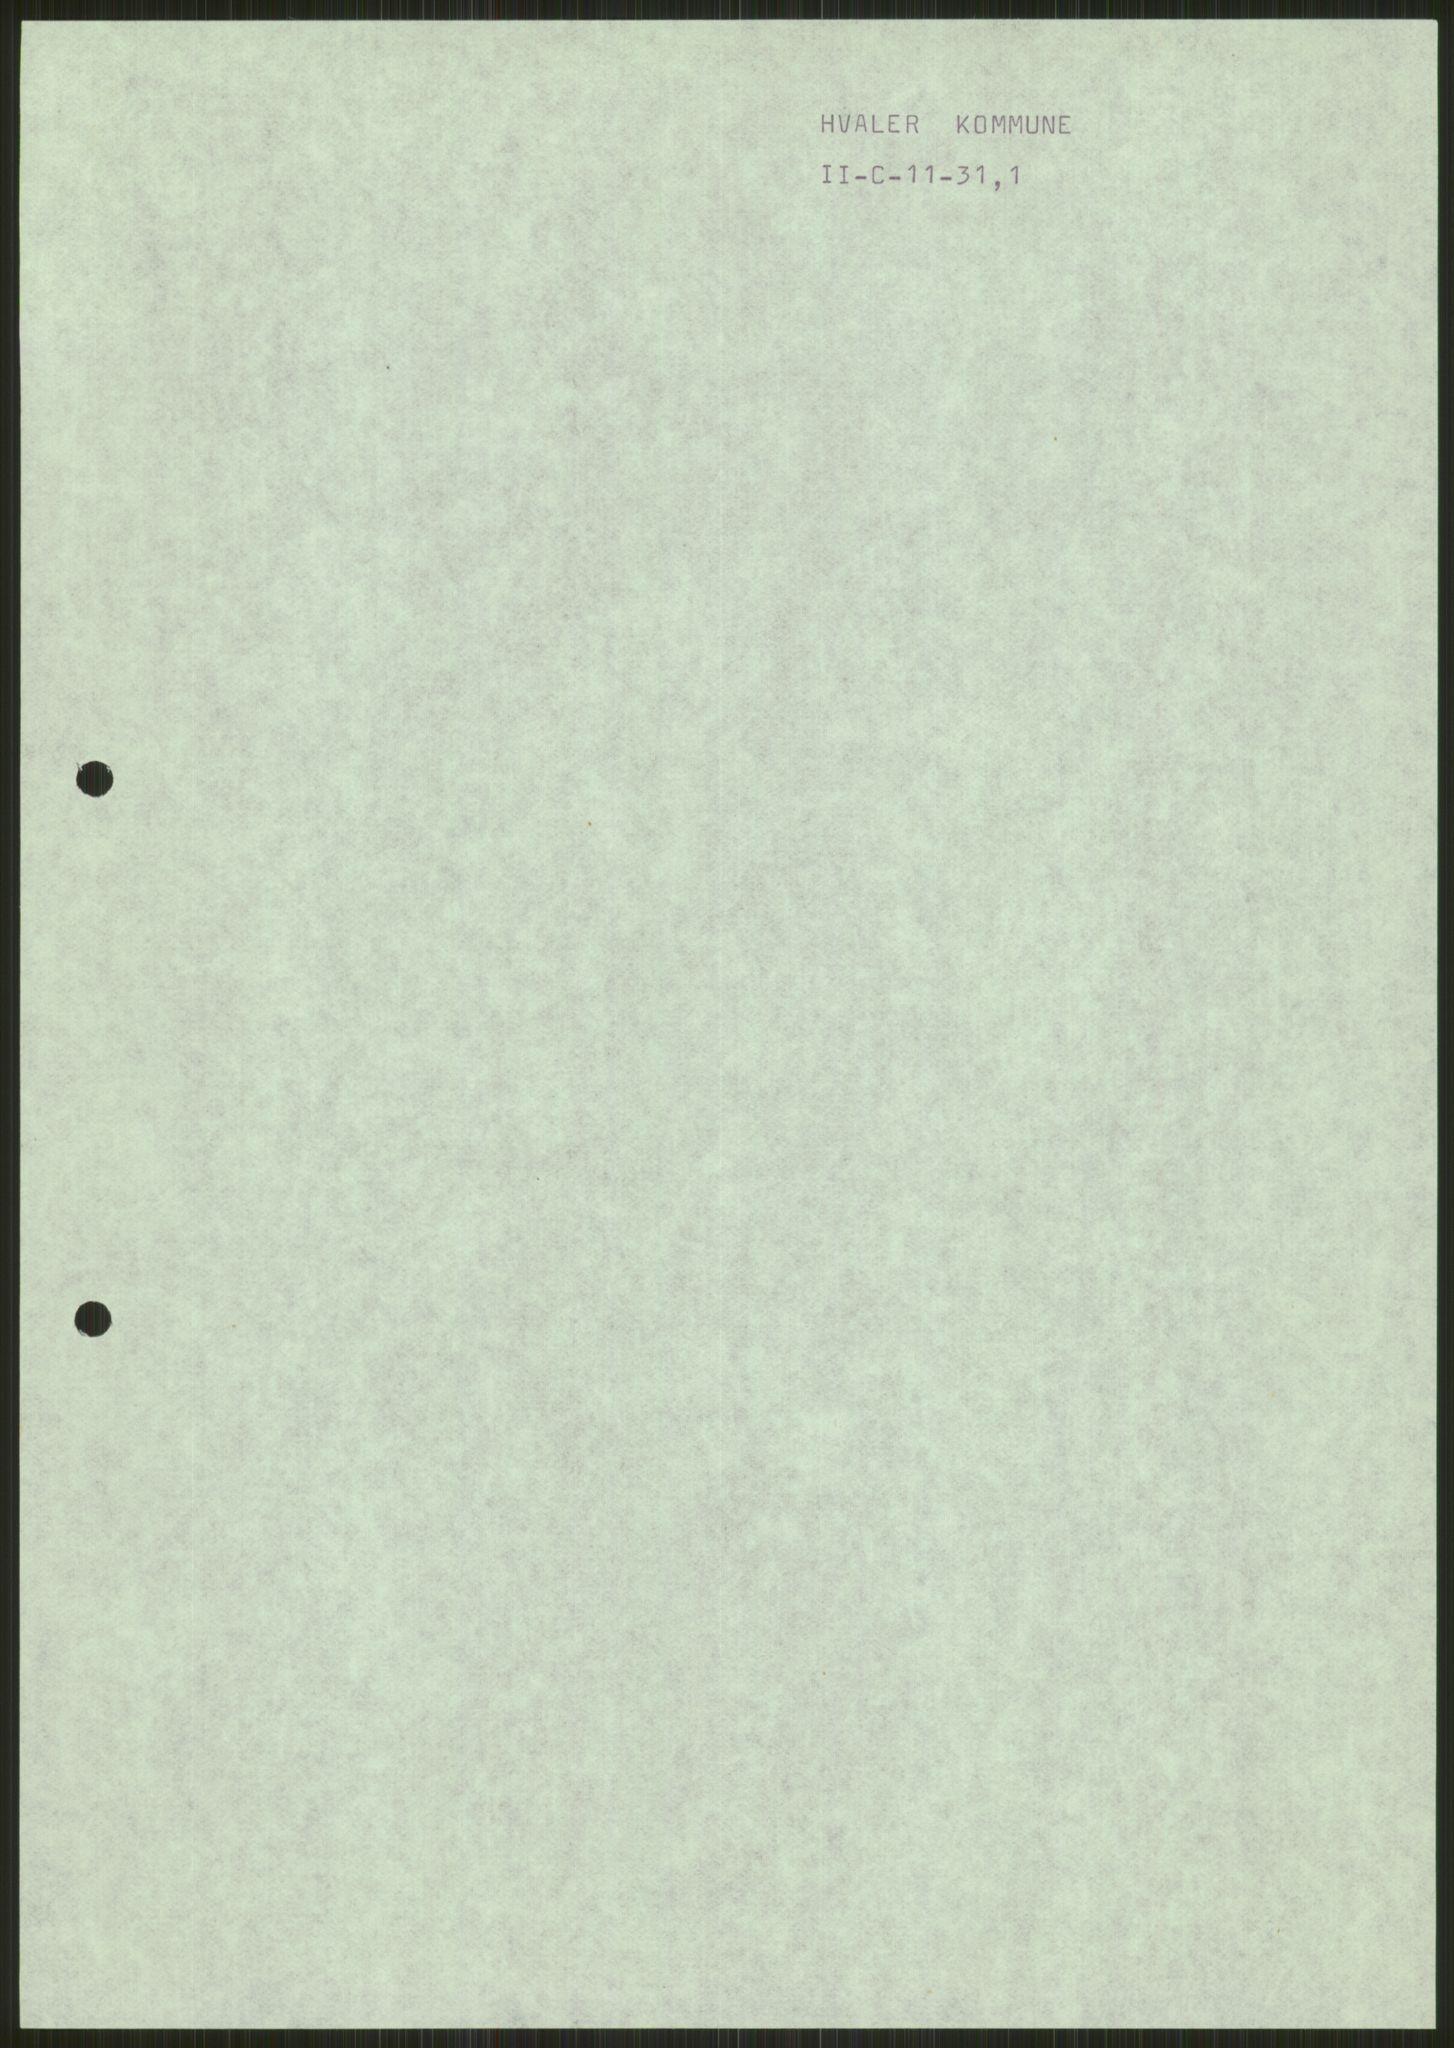 RA, Forsvaret, Forsvarets krigshistoriske avdeling, Y/Ya/L0013: II-C-11-31 - Fylkesmenn.  Rapporter om krigsbegivenhetene 1940., 1940, s. 85